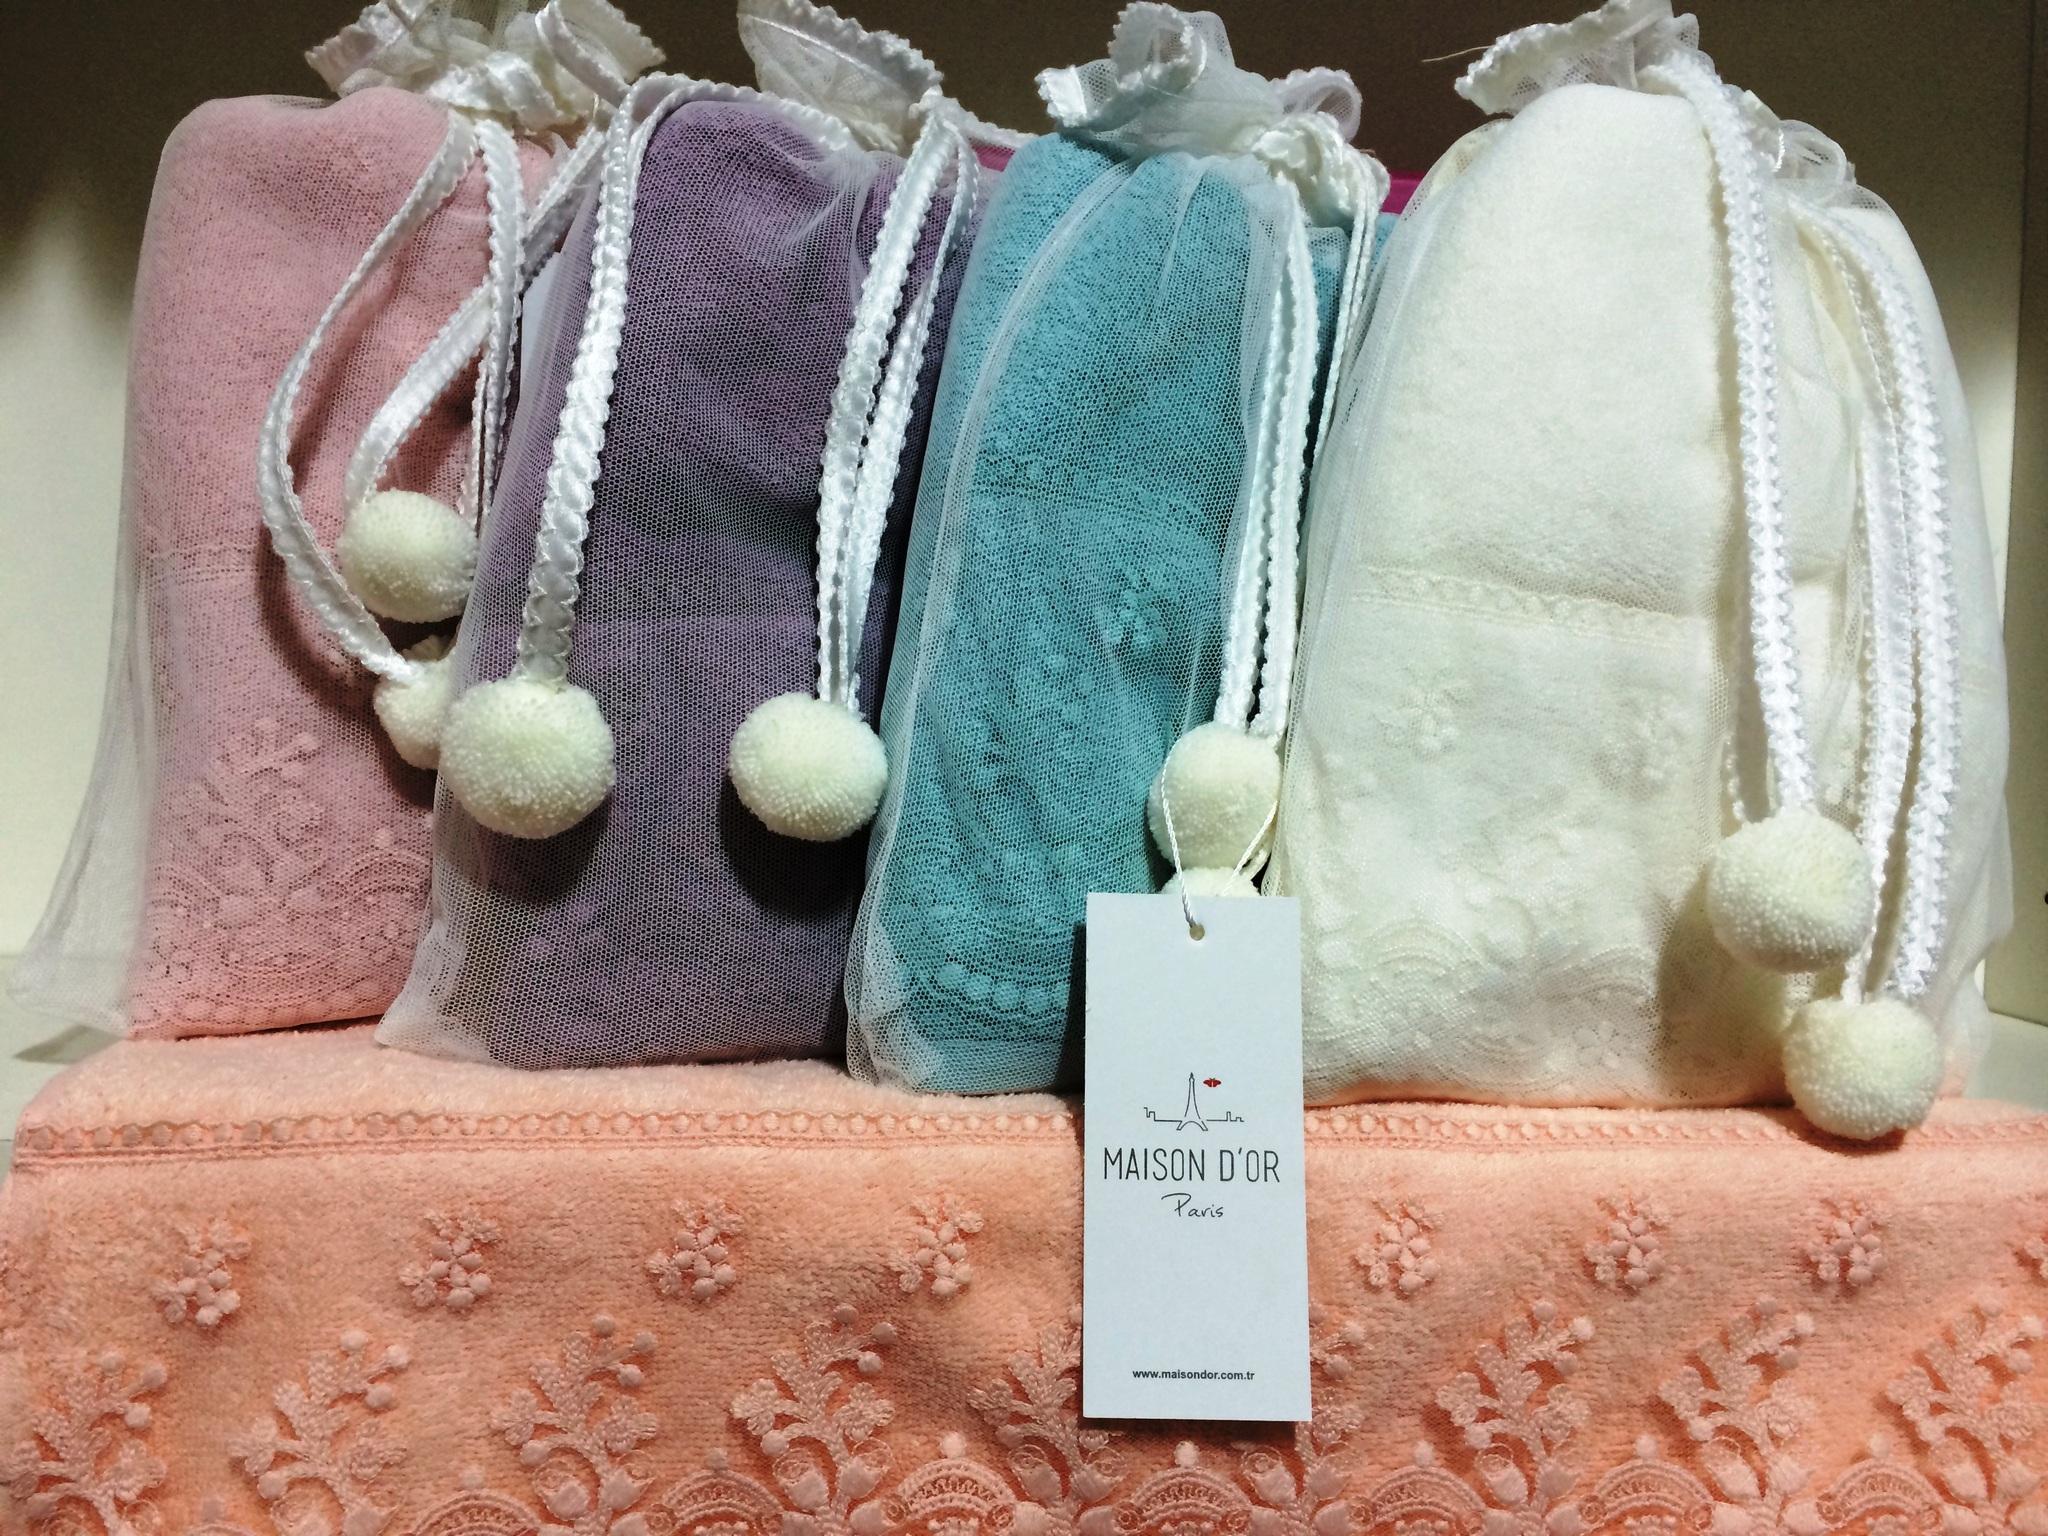 Полотенца SESSA СЕССА полотенце махровое Maison Dor Турция SESSA.JPG